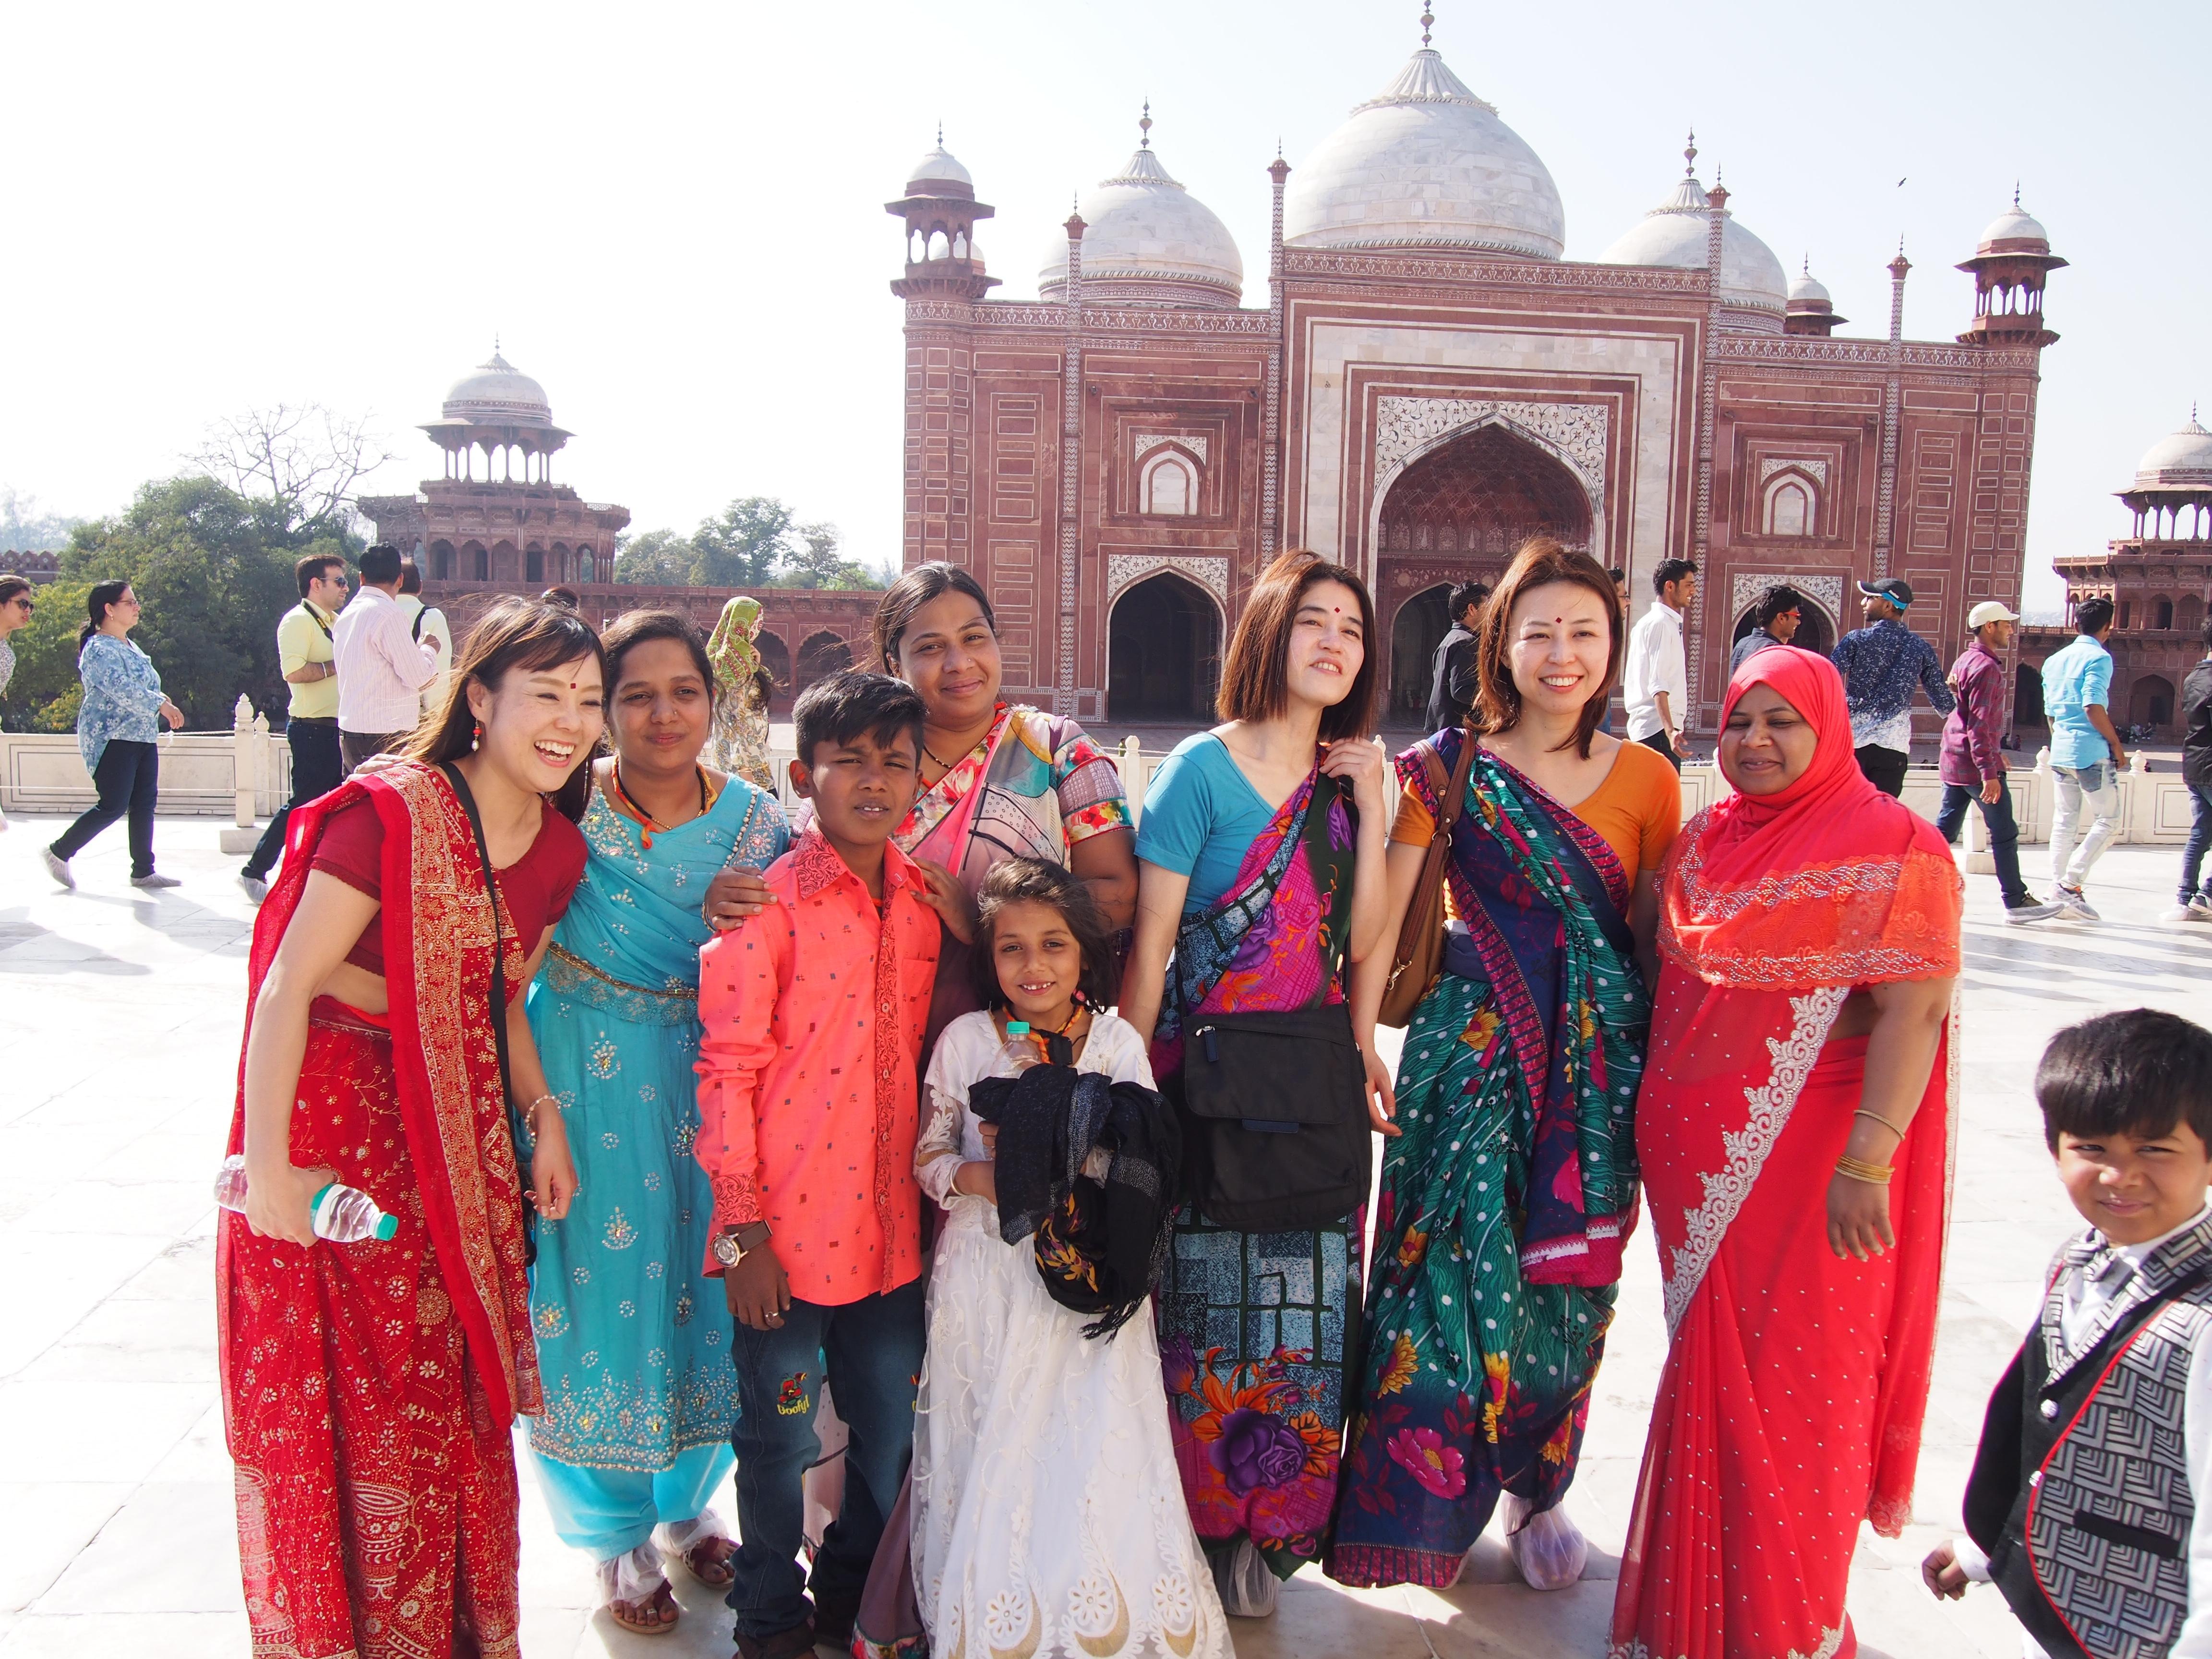 【インド旅行記②】民族衣装・サリーを着てみる